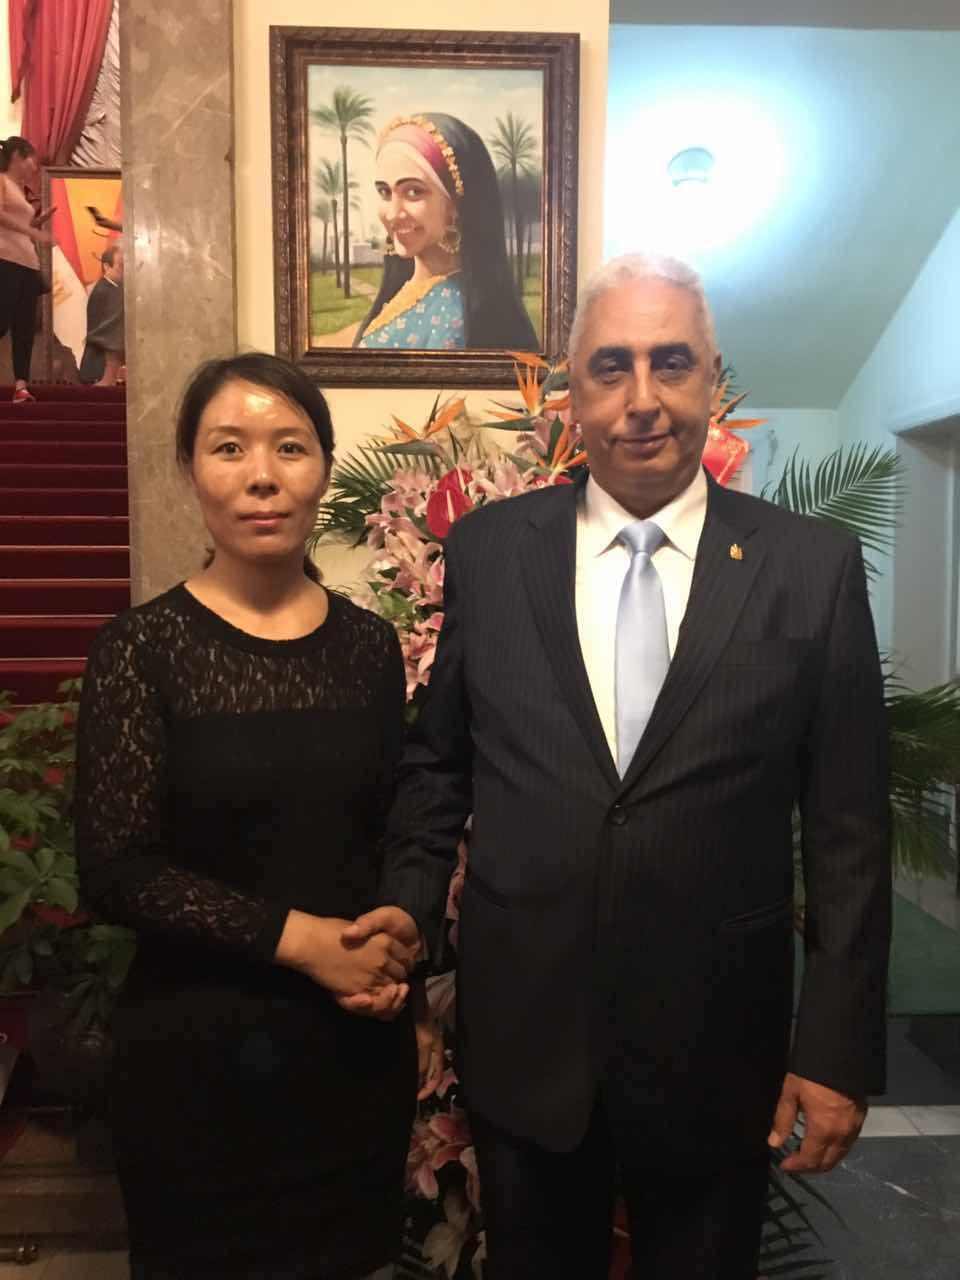 埃及驻华大使奥萨马·马格杜布阁下和组委会秘书长崔江红女士